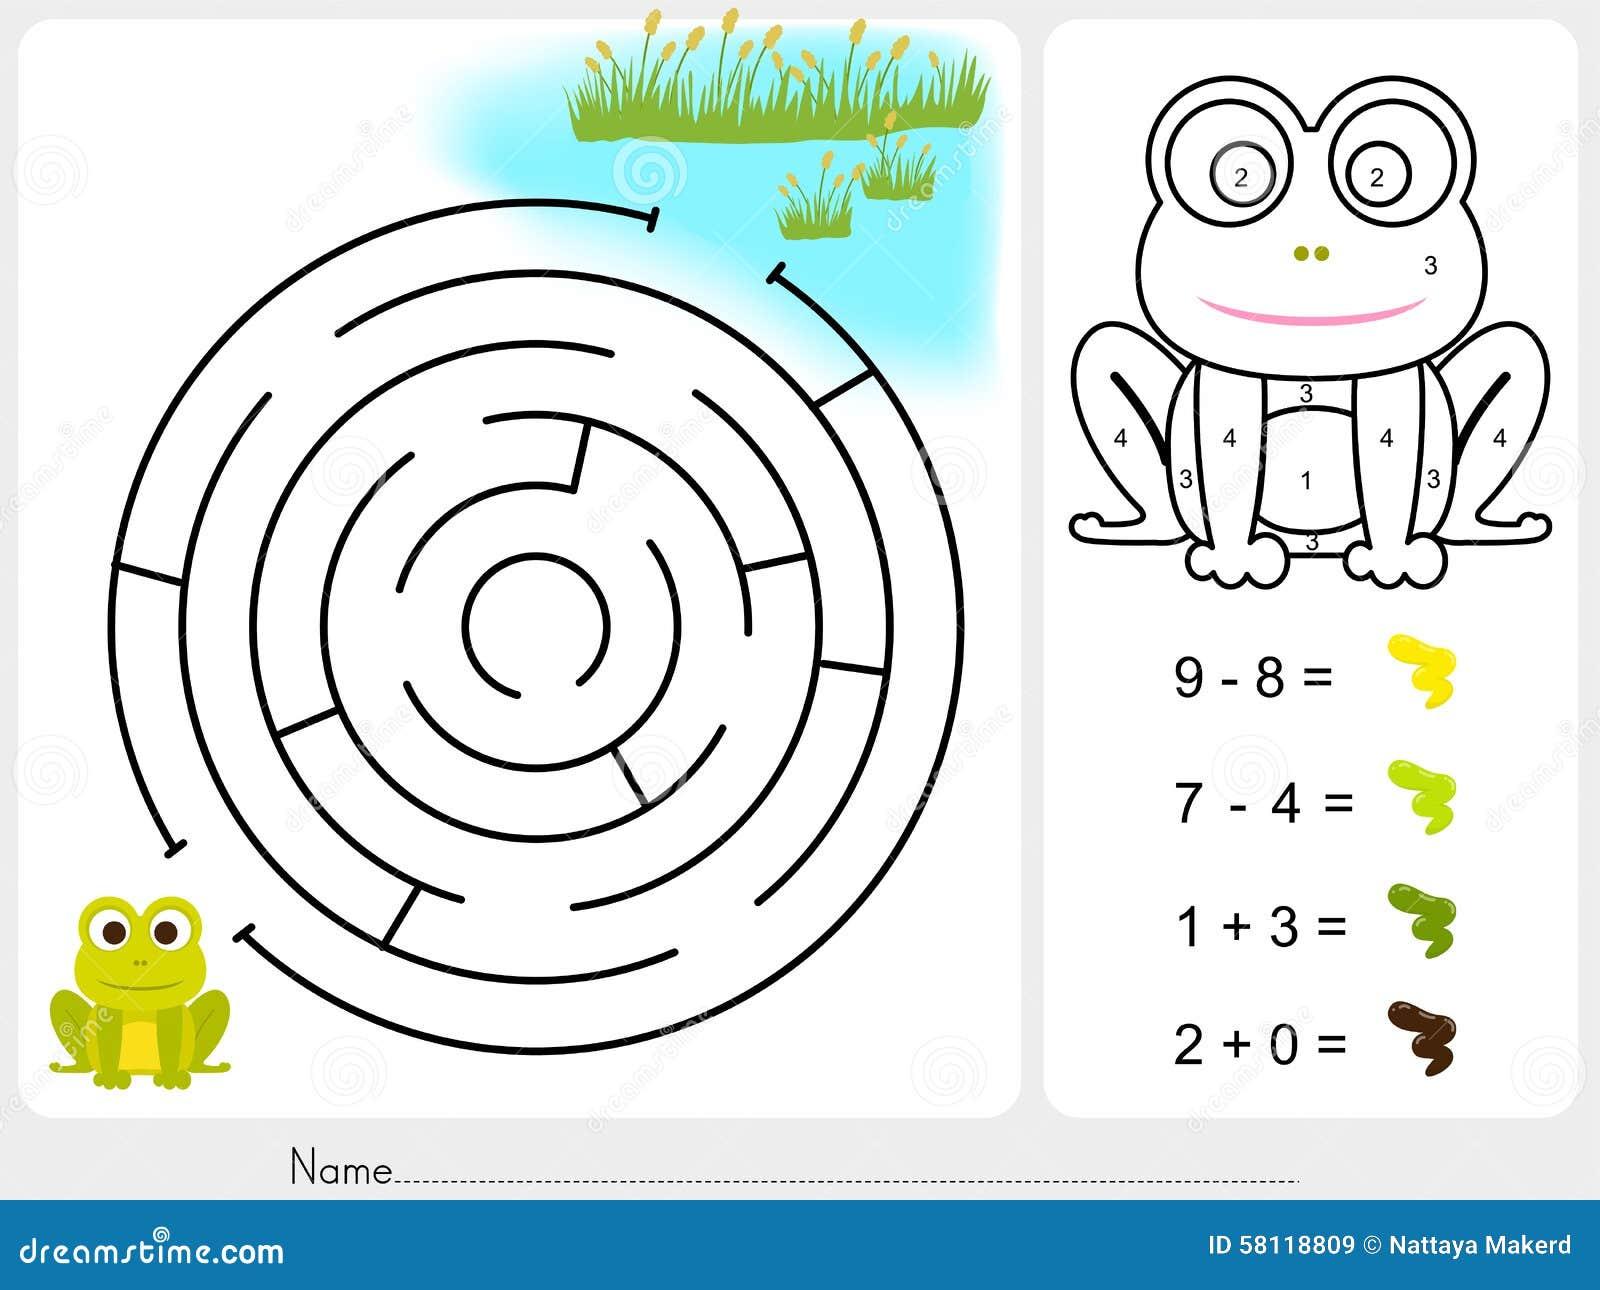 Labyrinthspiel, Farbenfarbe Durch Zahlen - Arbeitsblatt Für Bildung ...